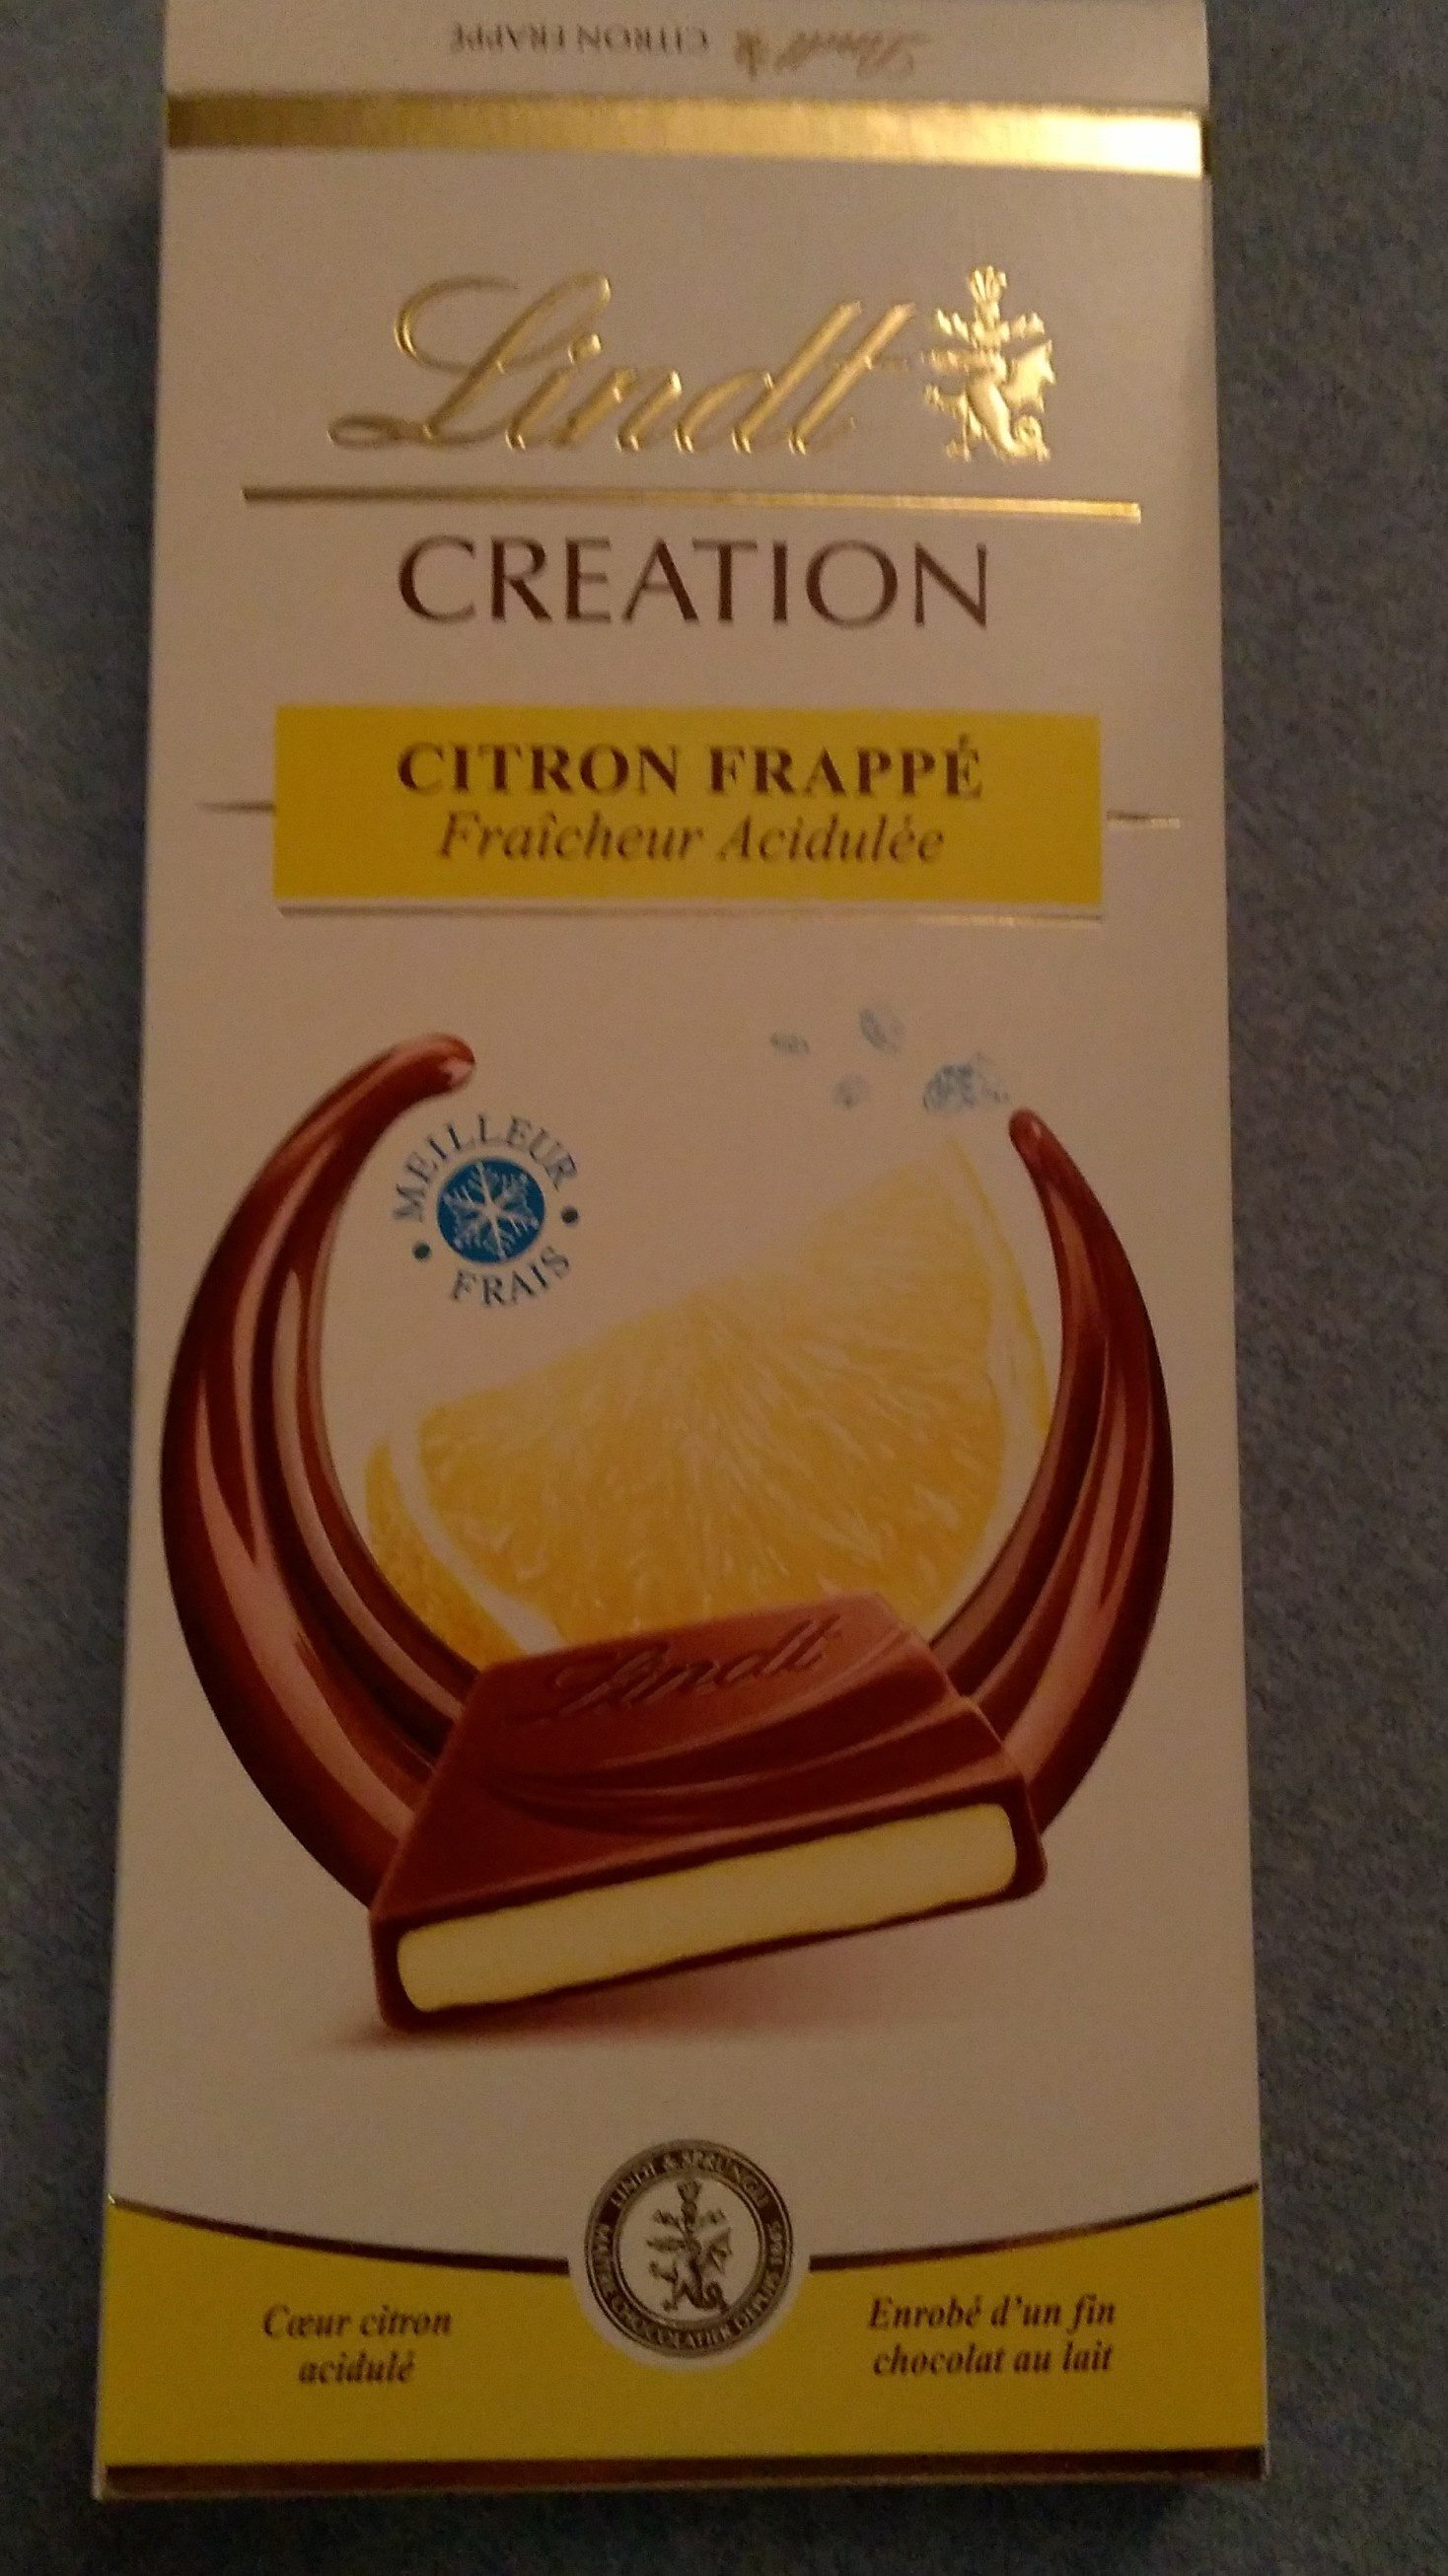 lindt chocolat creation citron frappé - Product - fr